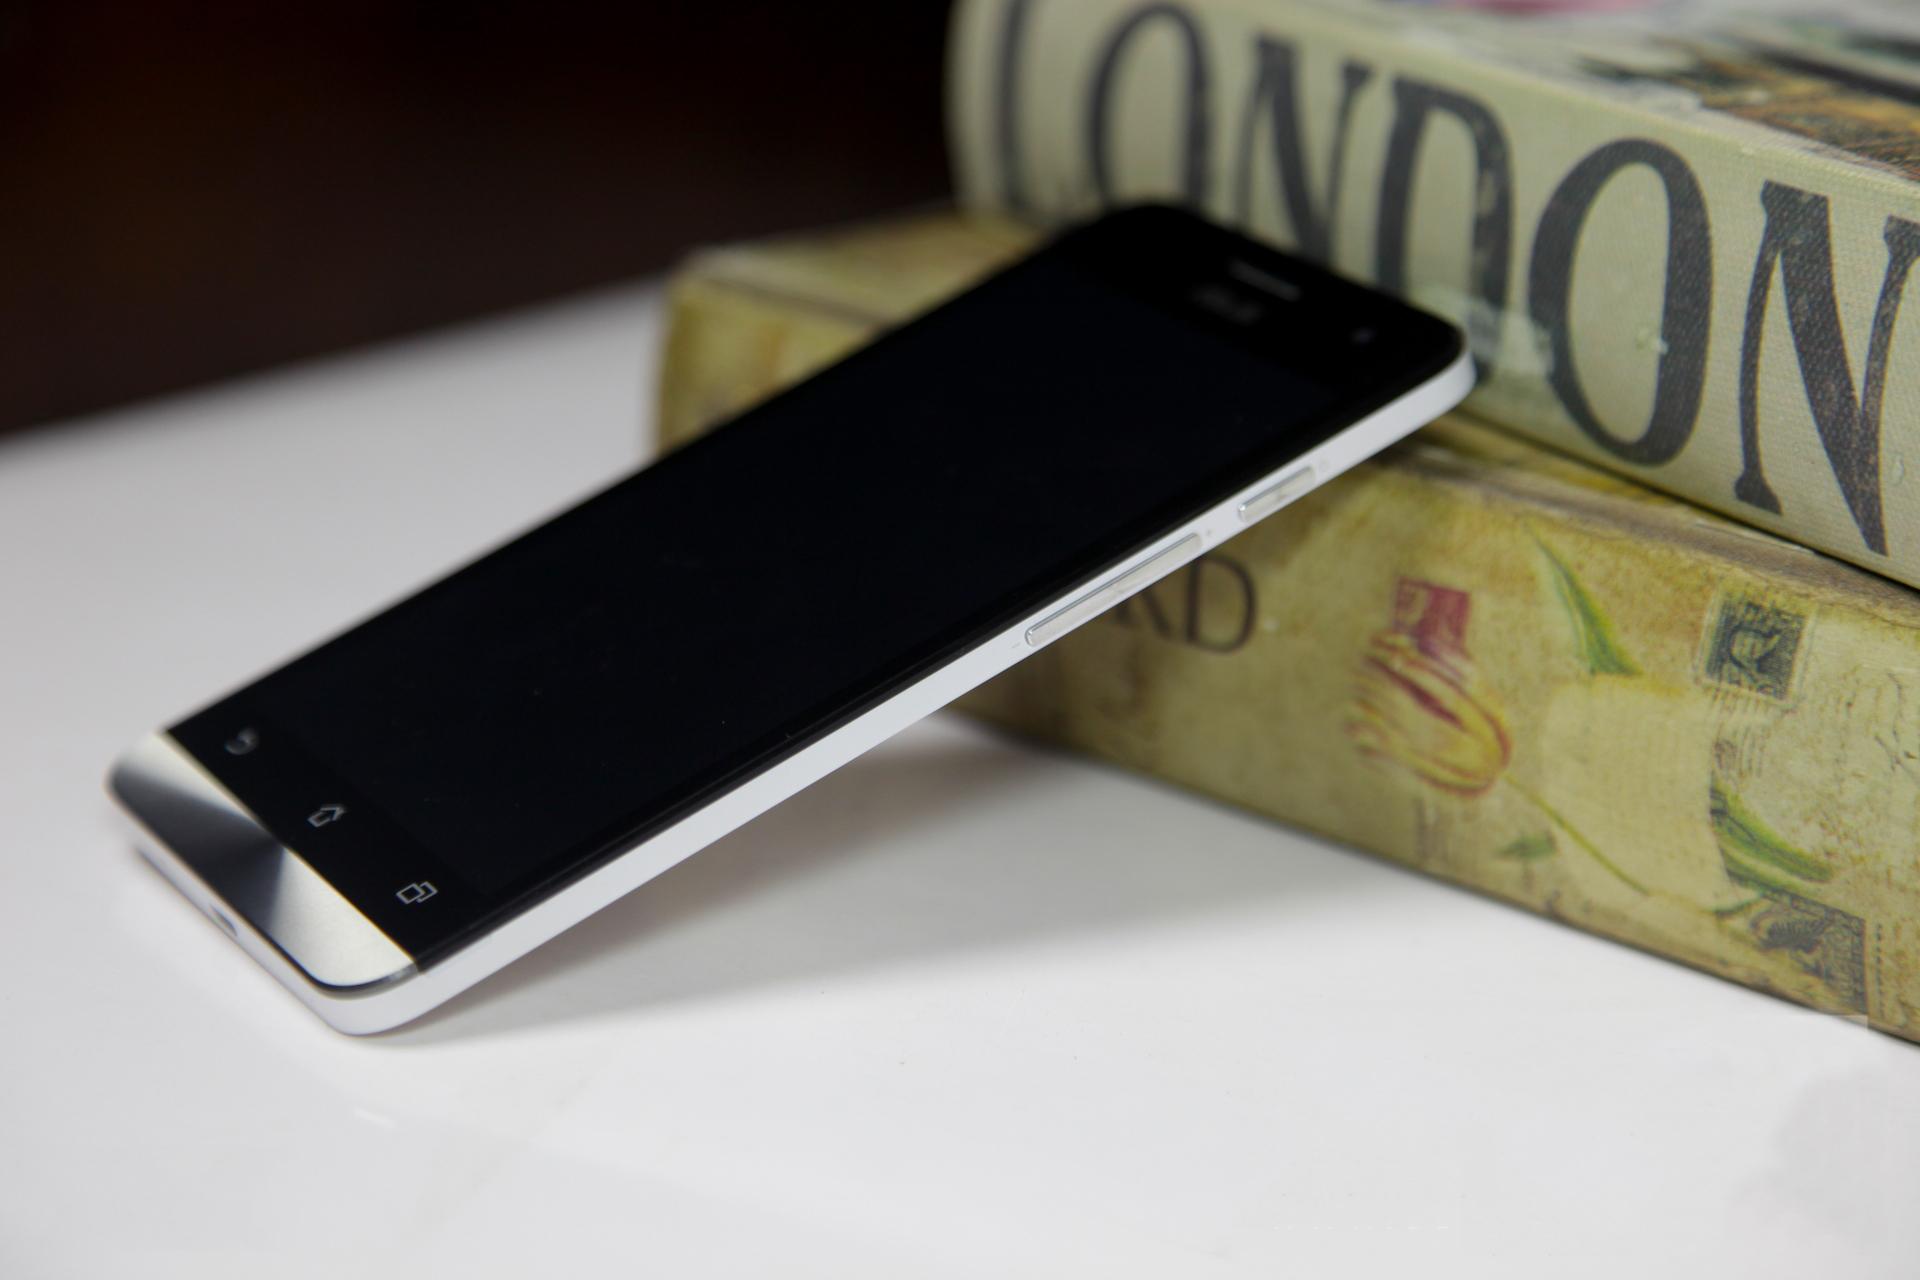 Zenfone 6 chính thức lên kệ, giá bán 5,9 triệu đồng 9